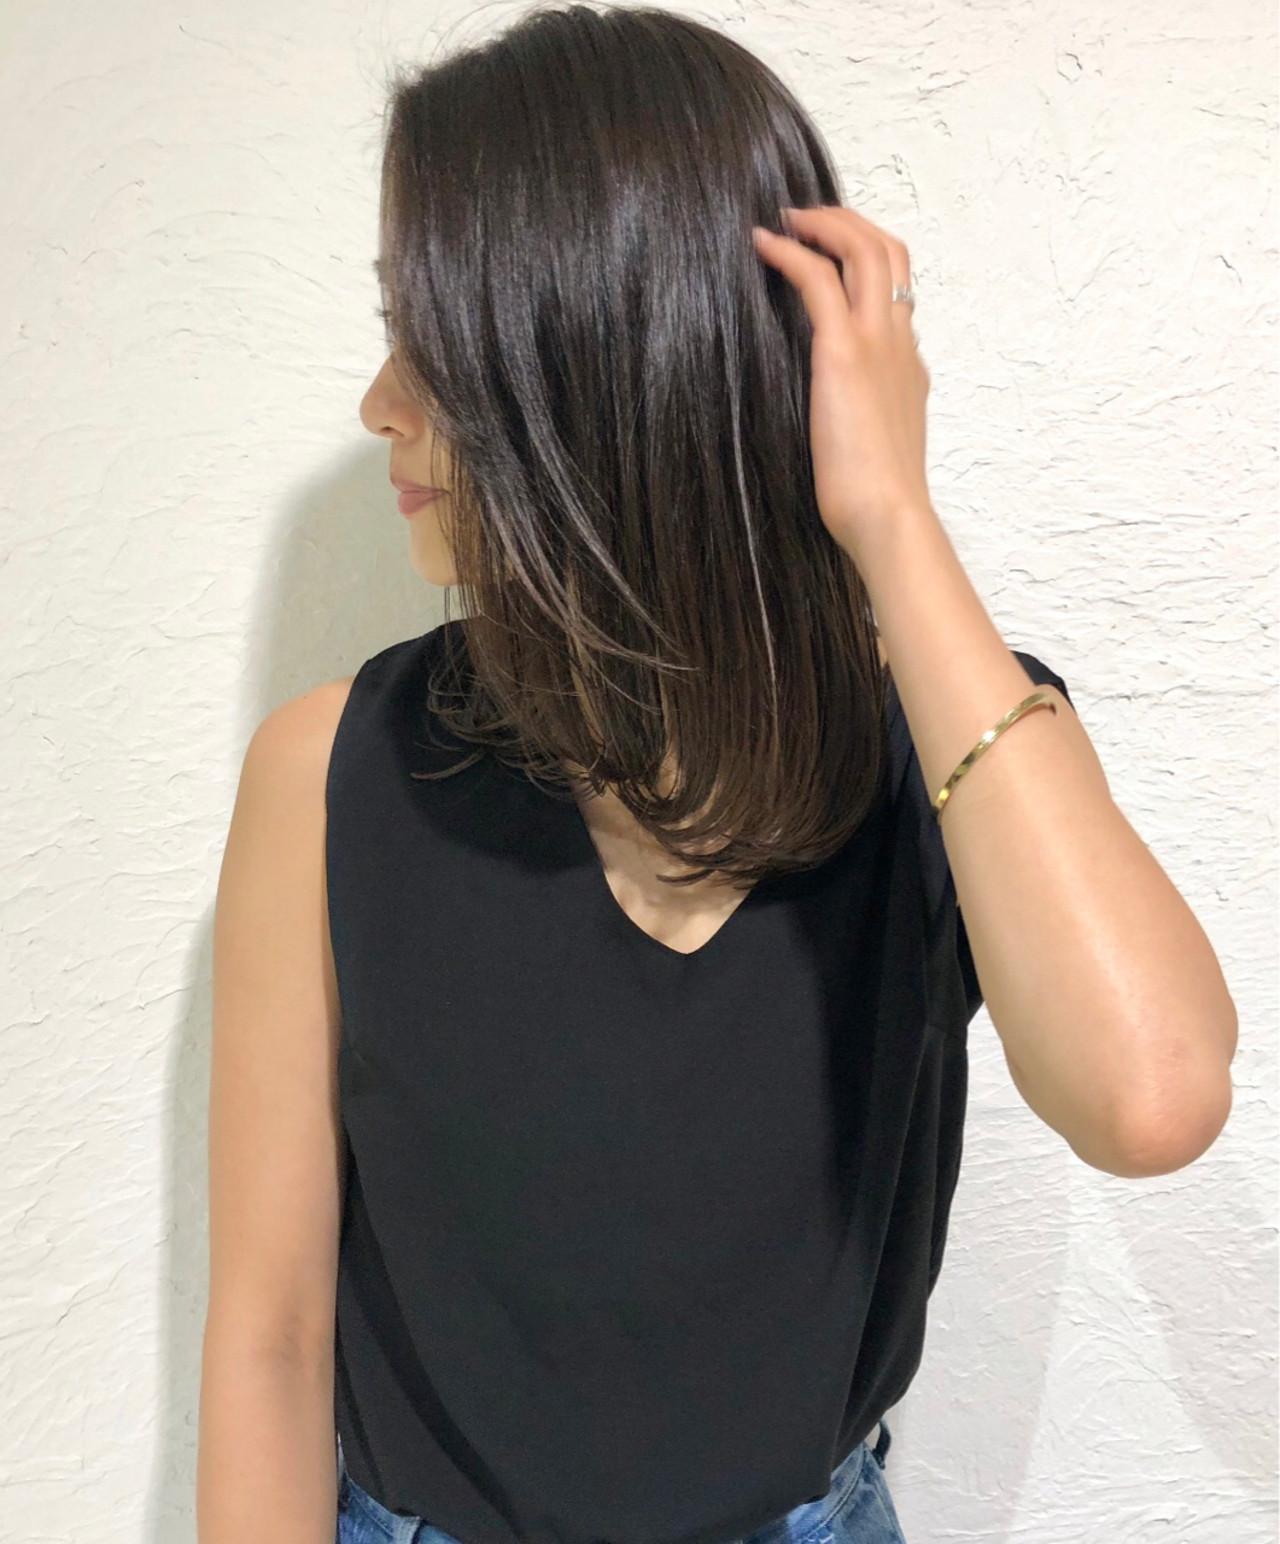 ミディアム 暗髪 グレージュ デート ヘアスタイルや髪型の写真・画像